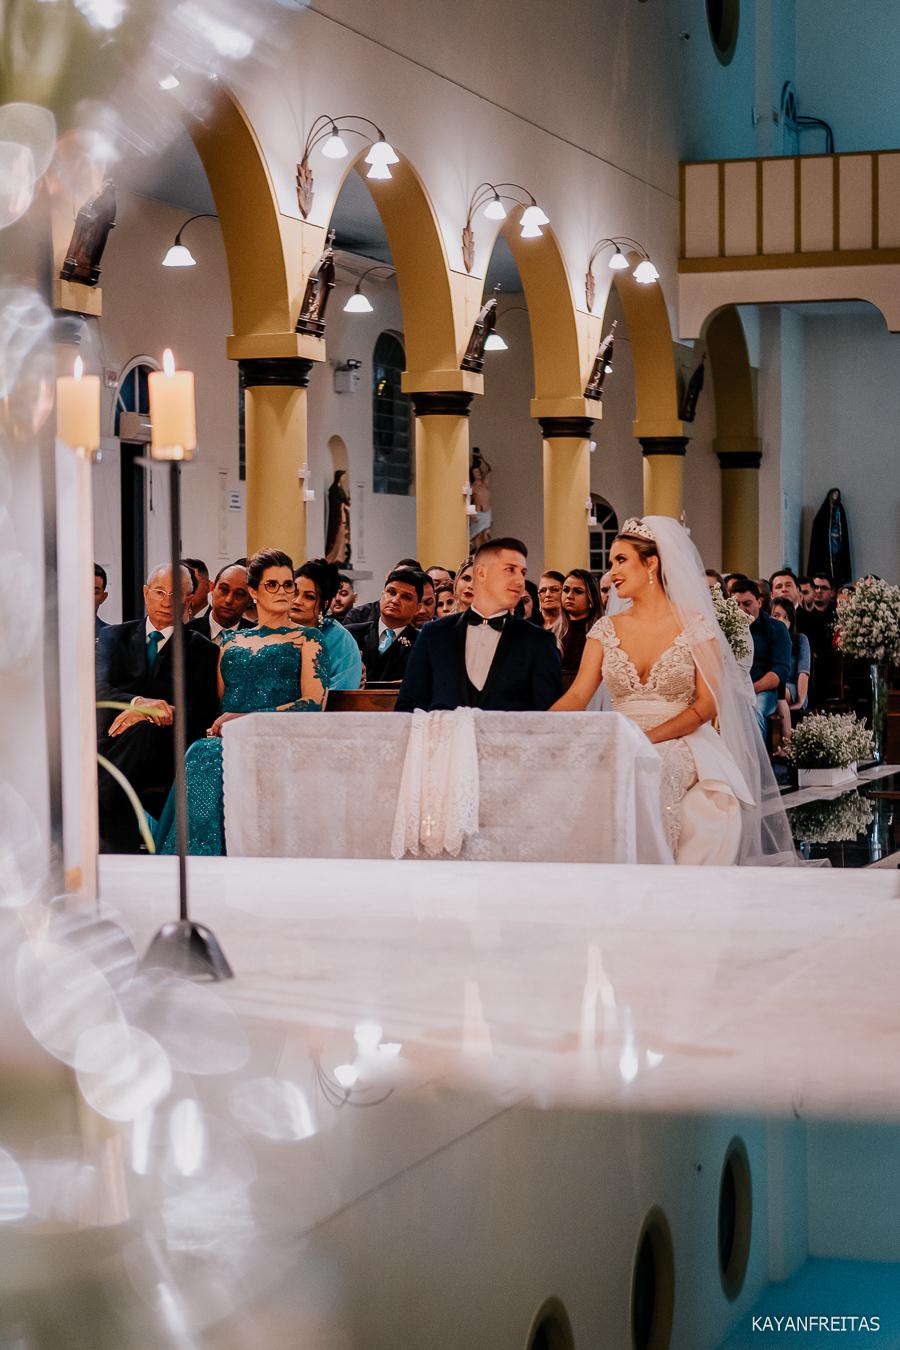 casamento-biguacu-tainaramarcos-0054 Casamento Tainara e Marcos - Biguaçu